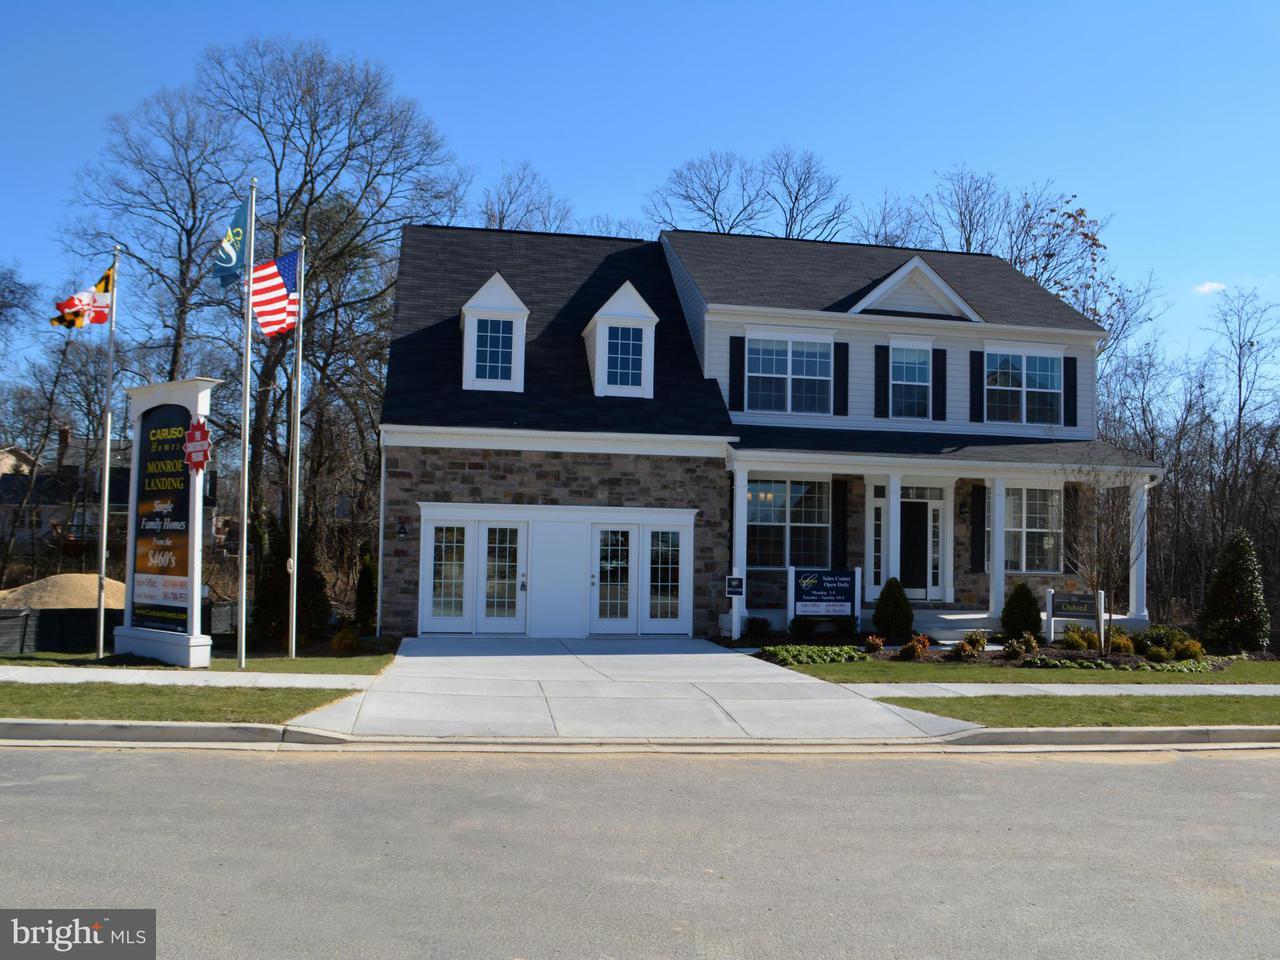 Maison unifamiliale pour l Vente à 12908 STEAM MILL FARM Drive 12908 STEAM MILL FARM Drive Brandywine, Maryland 20613 États-Unis